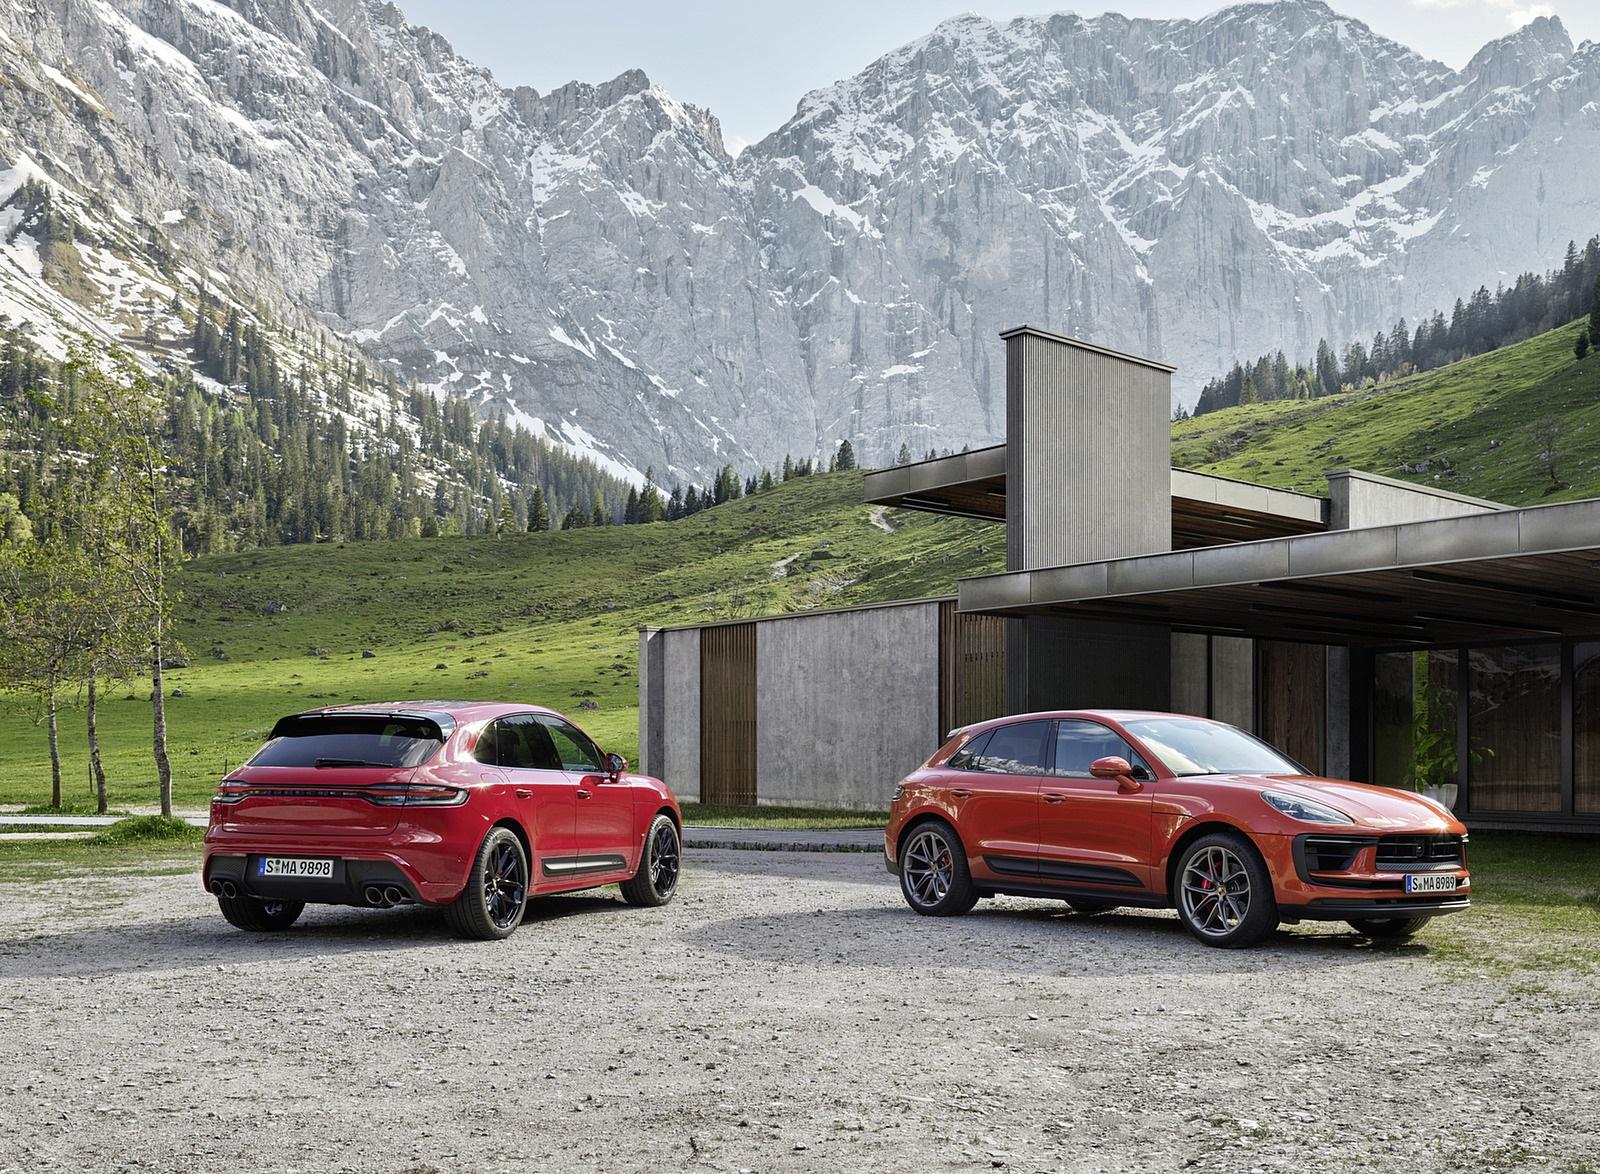 2022 Porsche Macan S and Macan GTS Wallpapers (9)